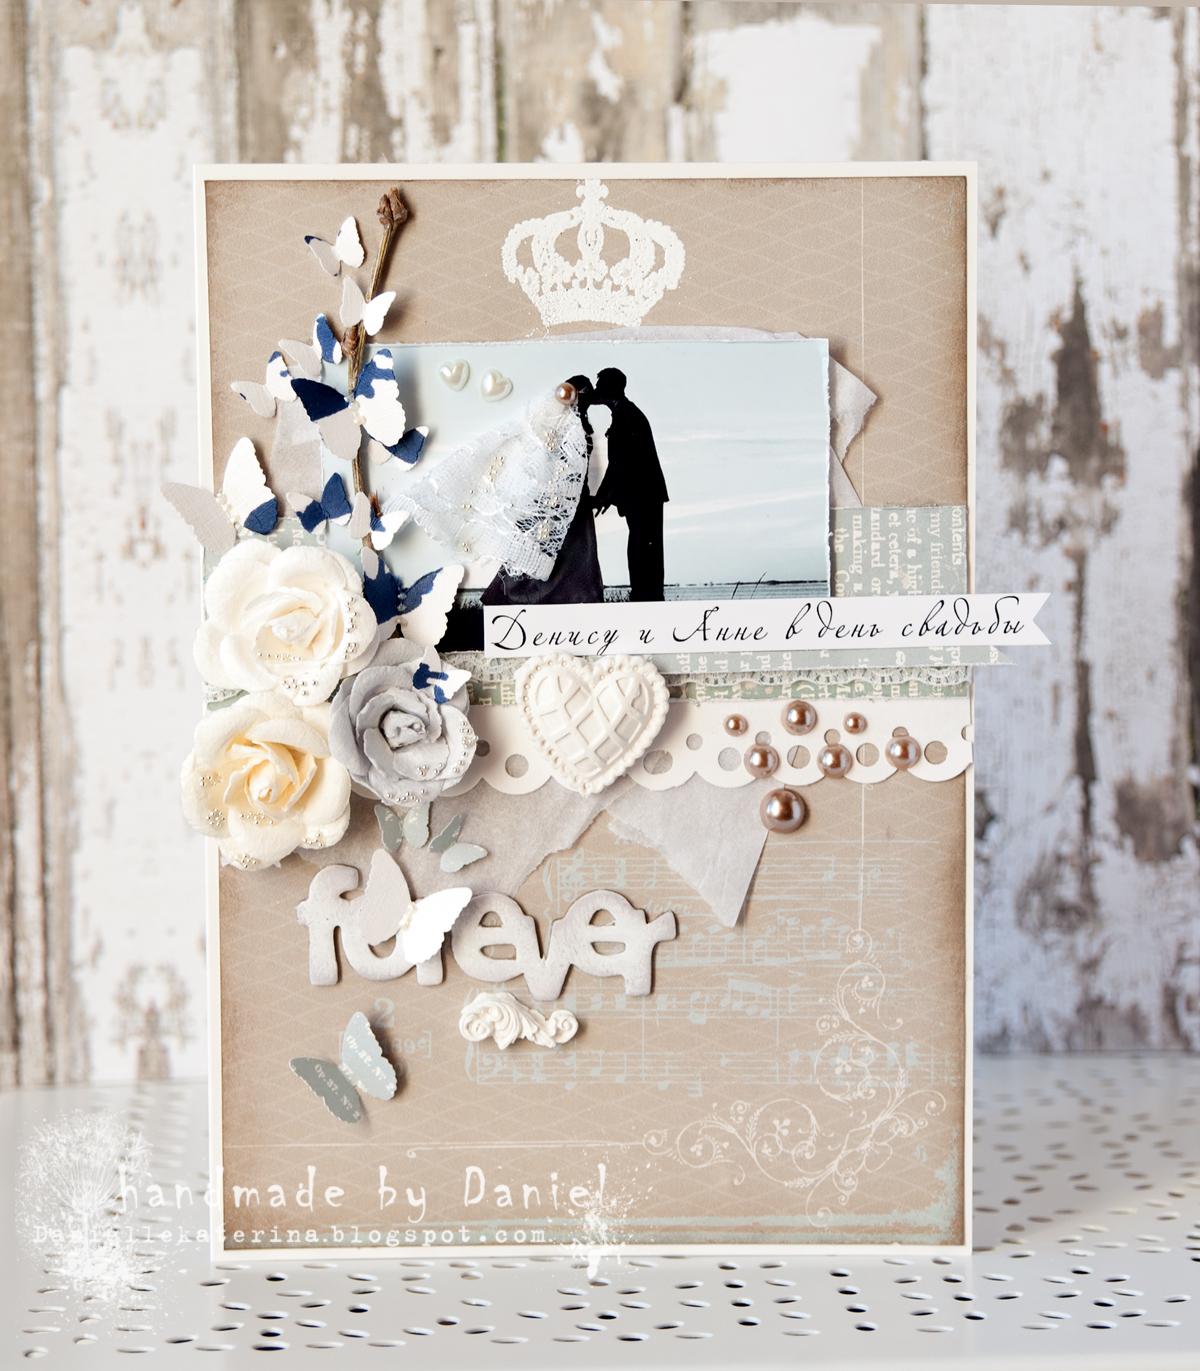 свадьба+открытка+своими руками